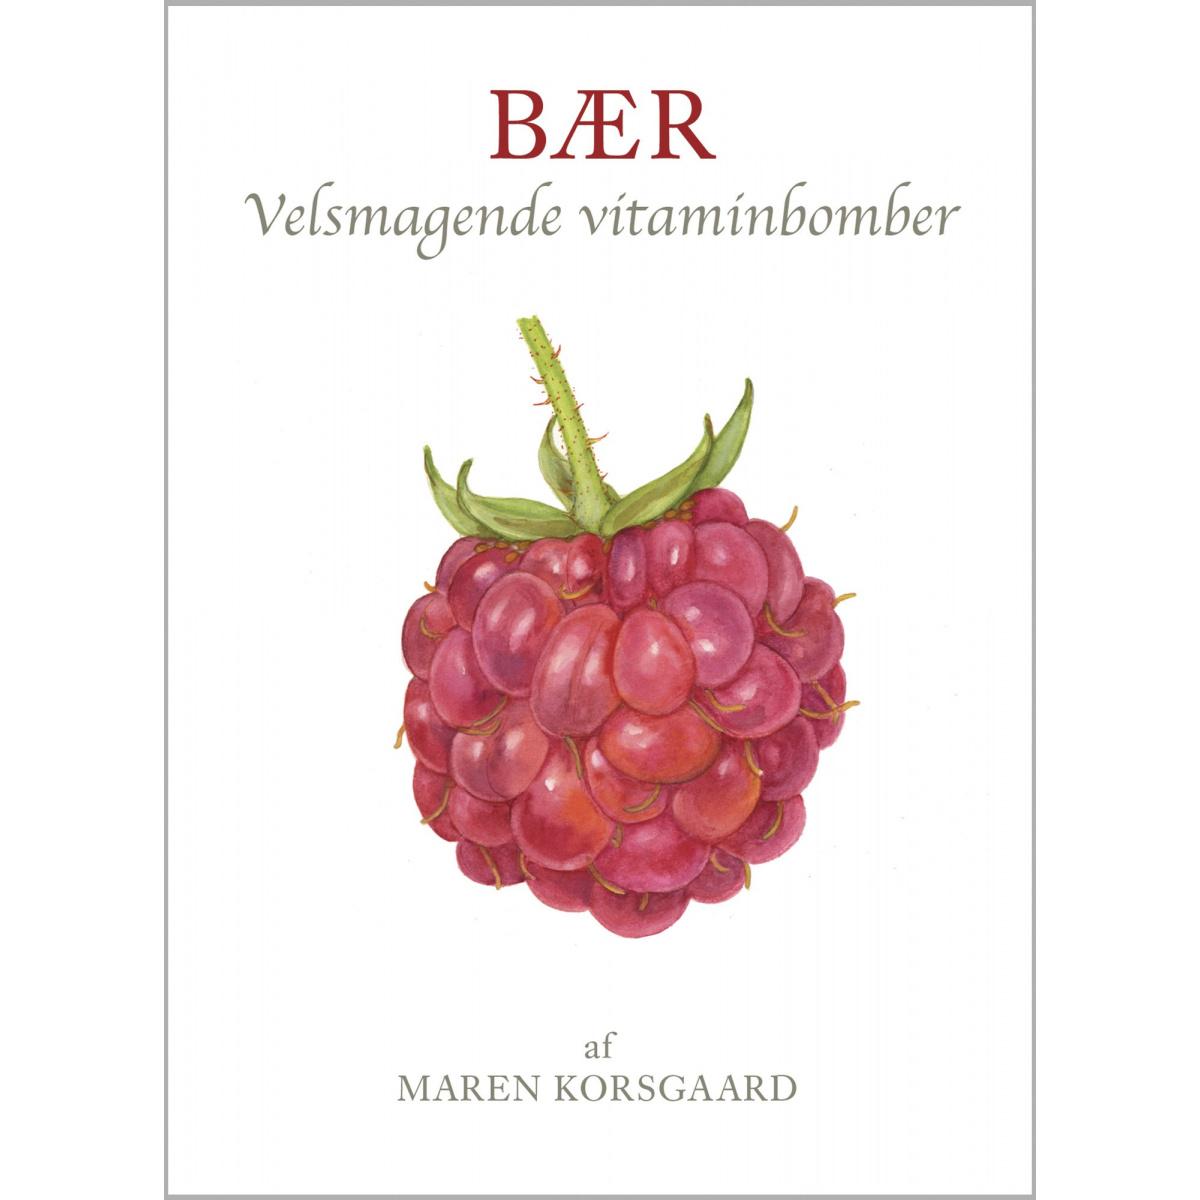 Bær - velsmagende vitaminbomber